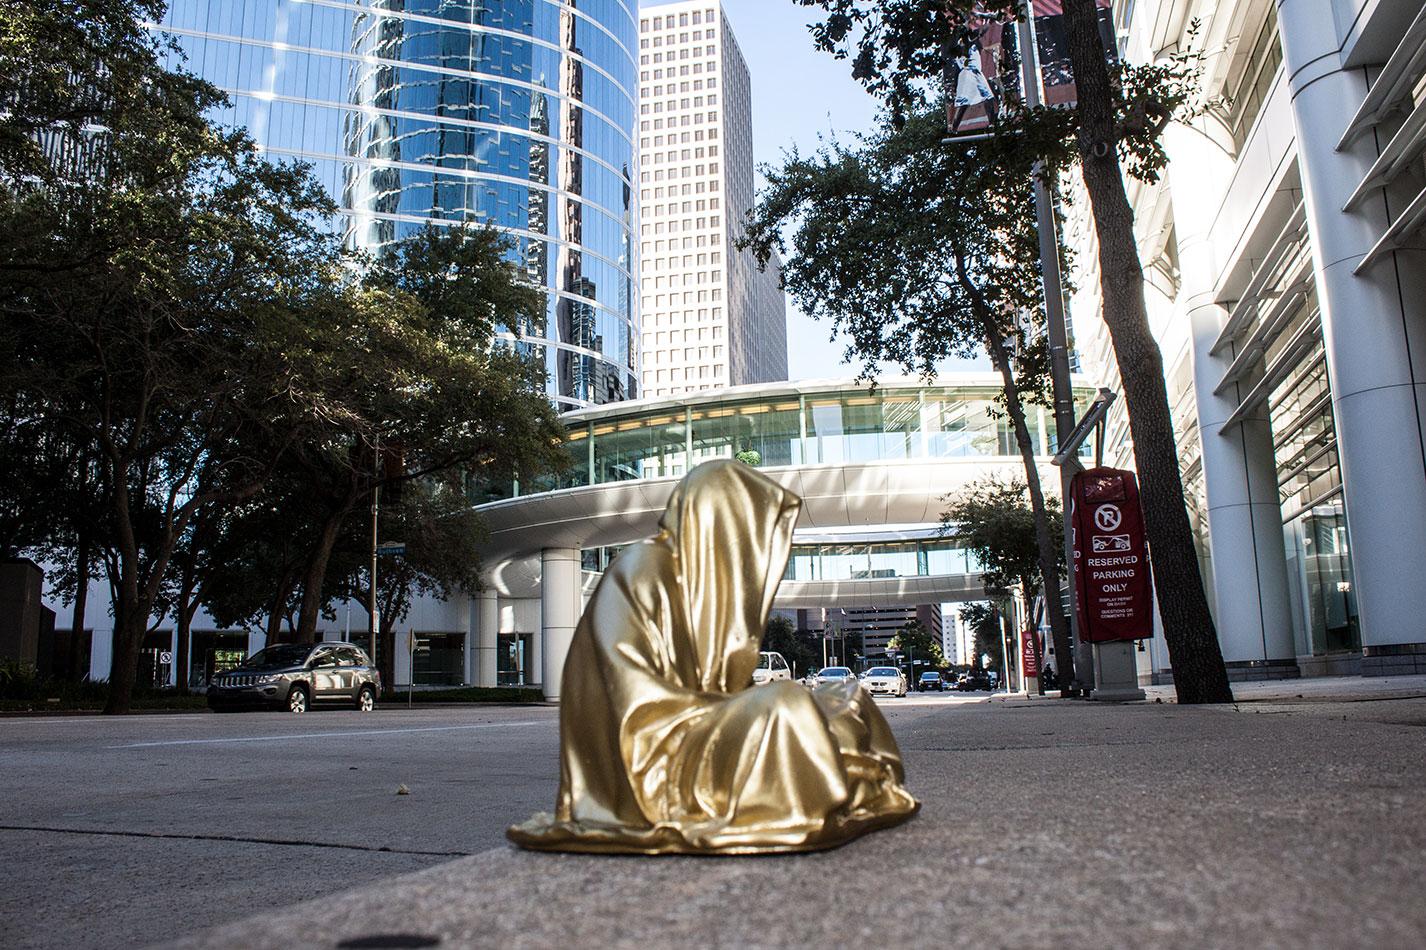 public-art-usa-tour-houston-texas-art-arts-arte-design-guardians-of-time-manfred-kielnhofer-contemporary-fine-art-antiques-5233